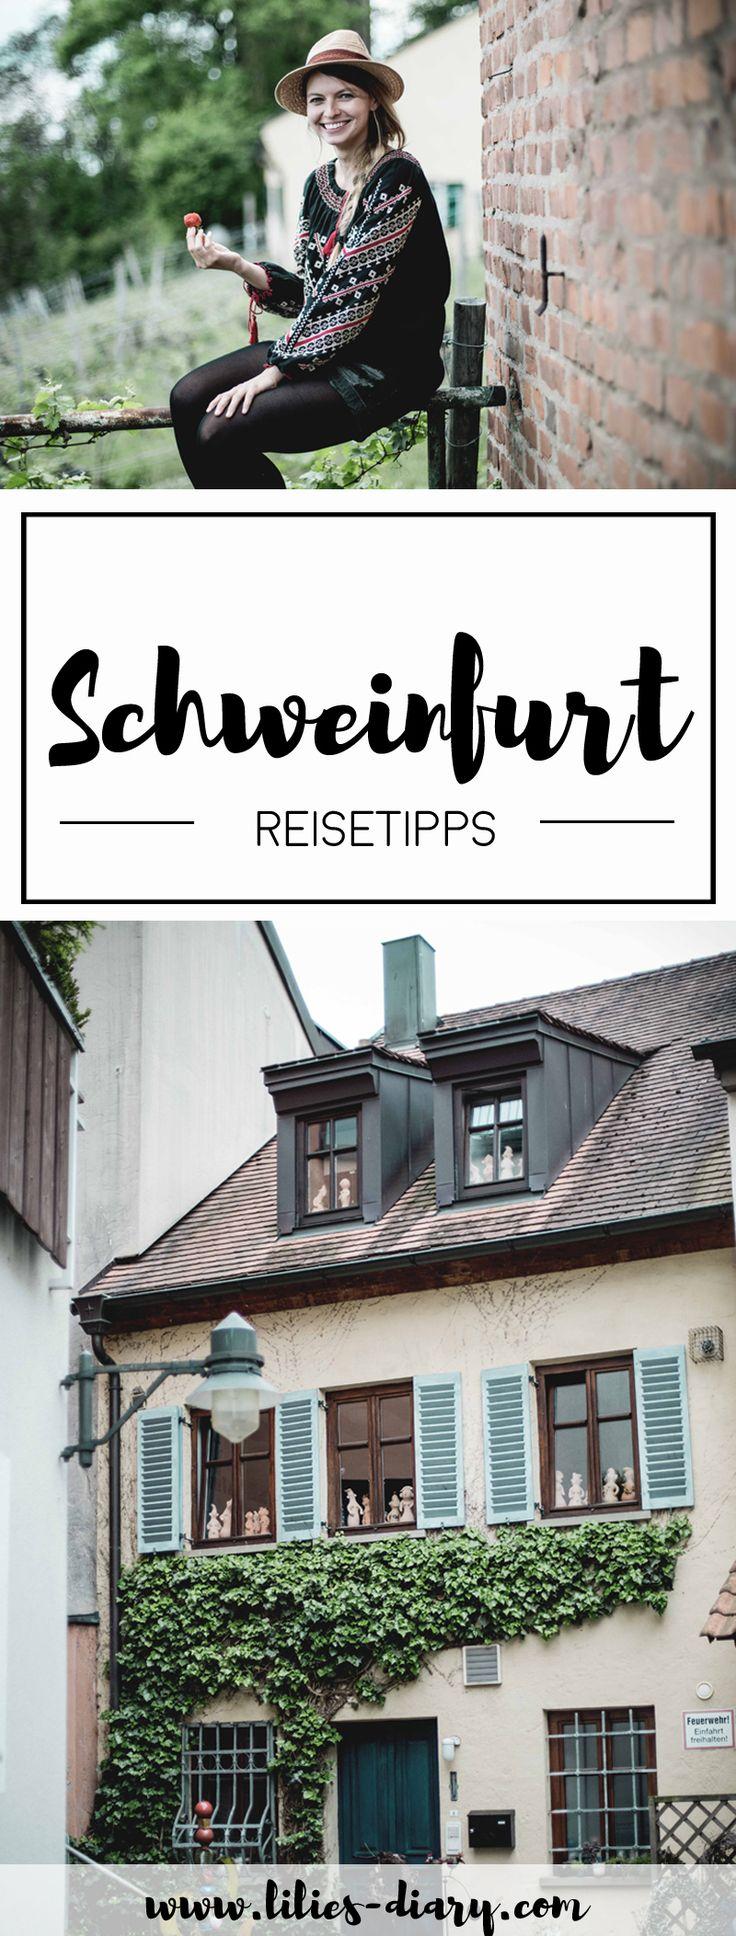 Ein Wochenendetrip nach Schweinfurt. Die besten Tipps für Museen und Sehenswürdigkeiten findet ihr auf lilies-diary.com.